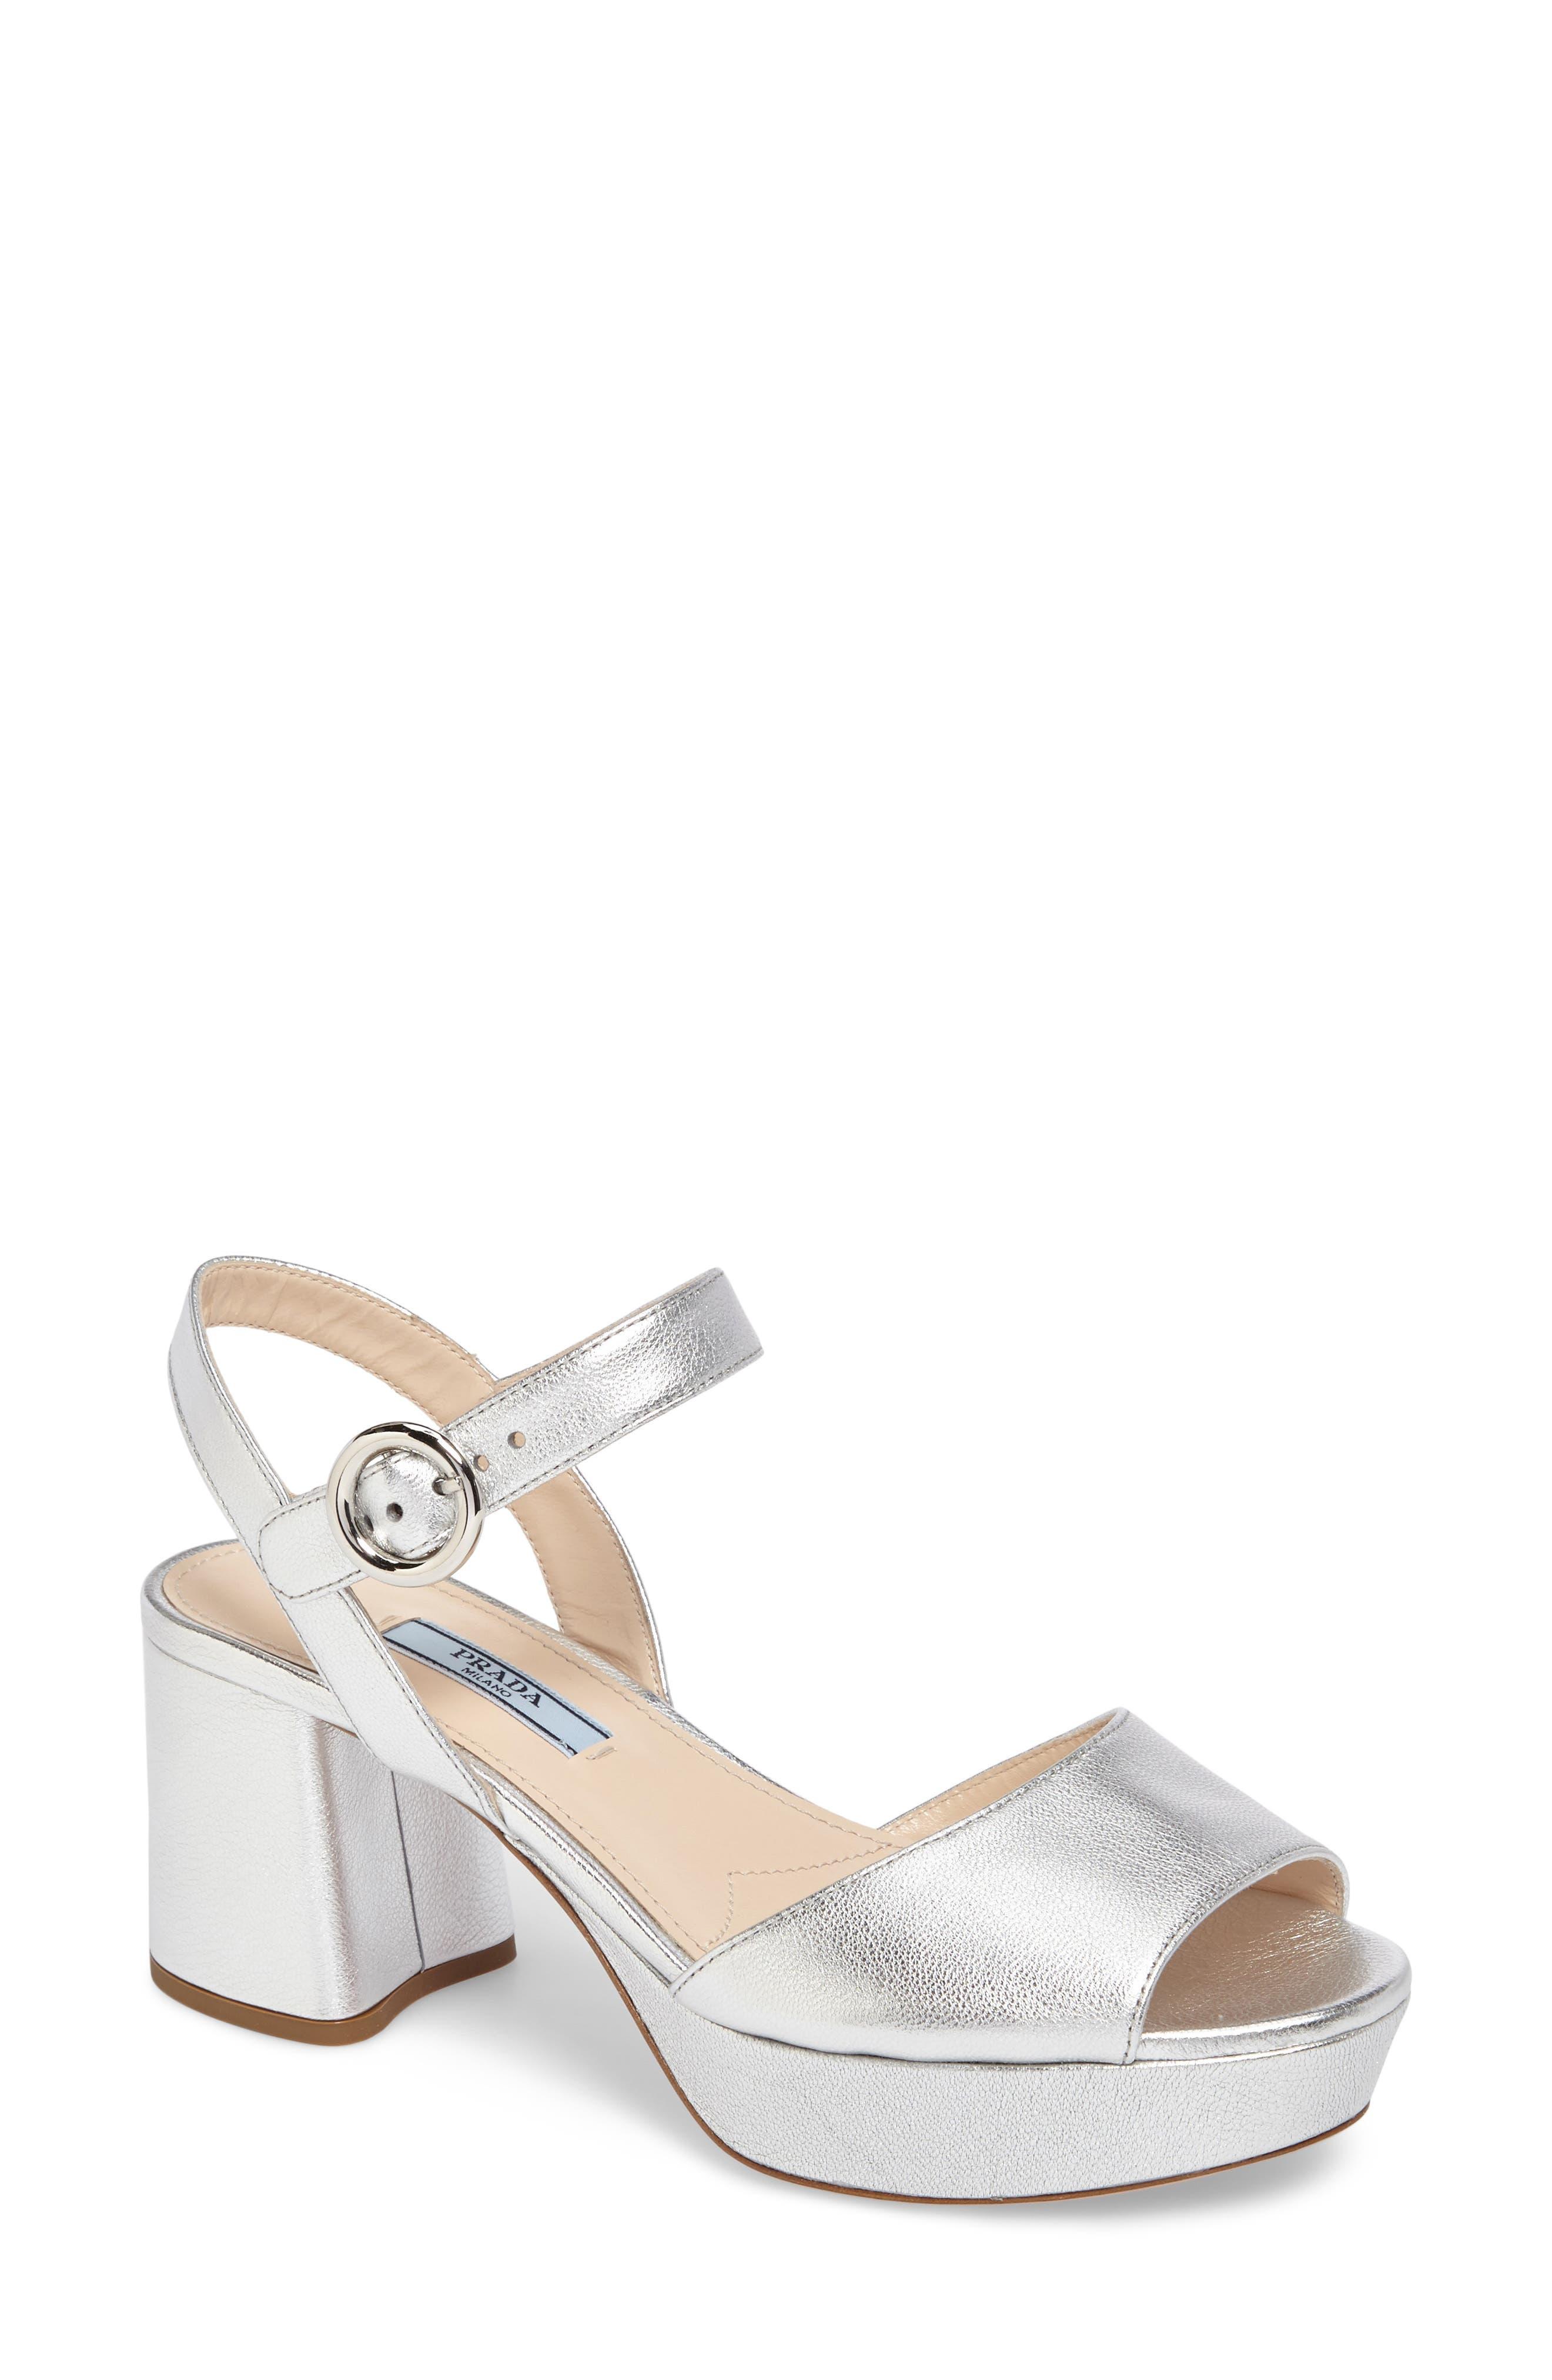 Ankle Strap Platform Sandal,                             Main thumbnail 1, color,                             040